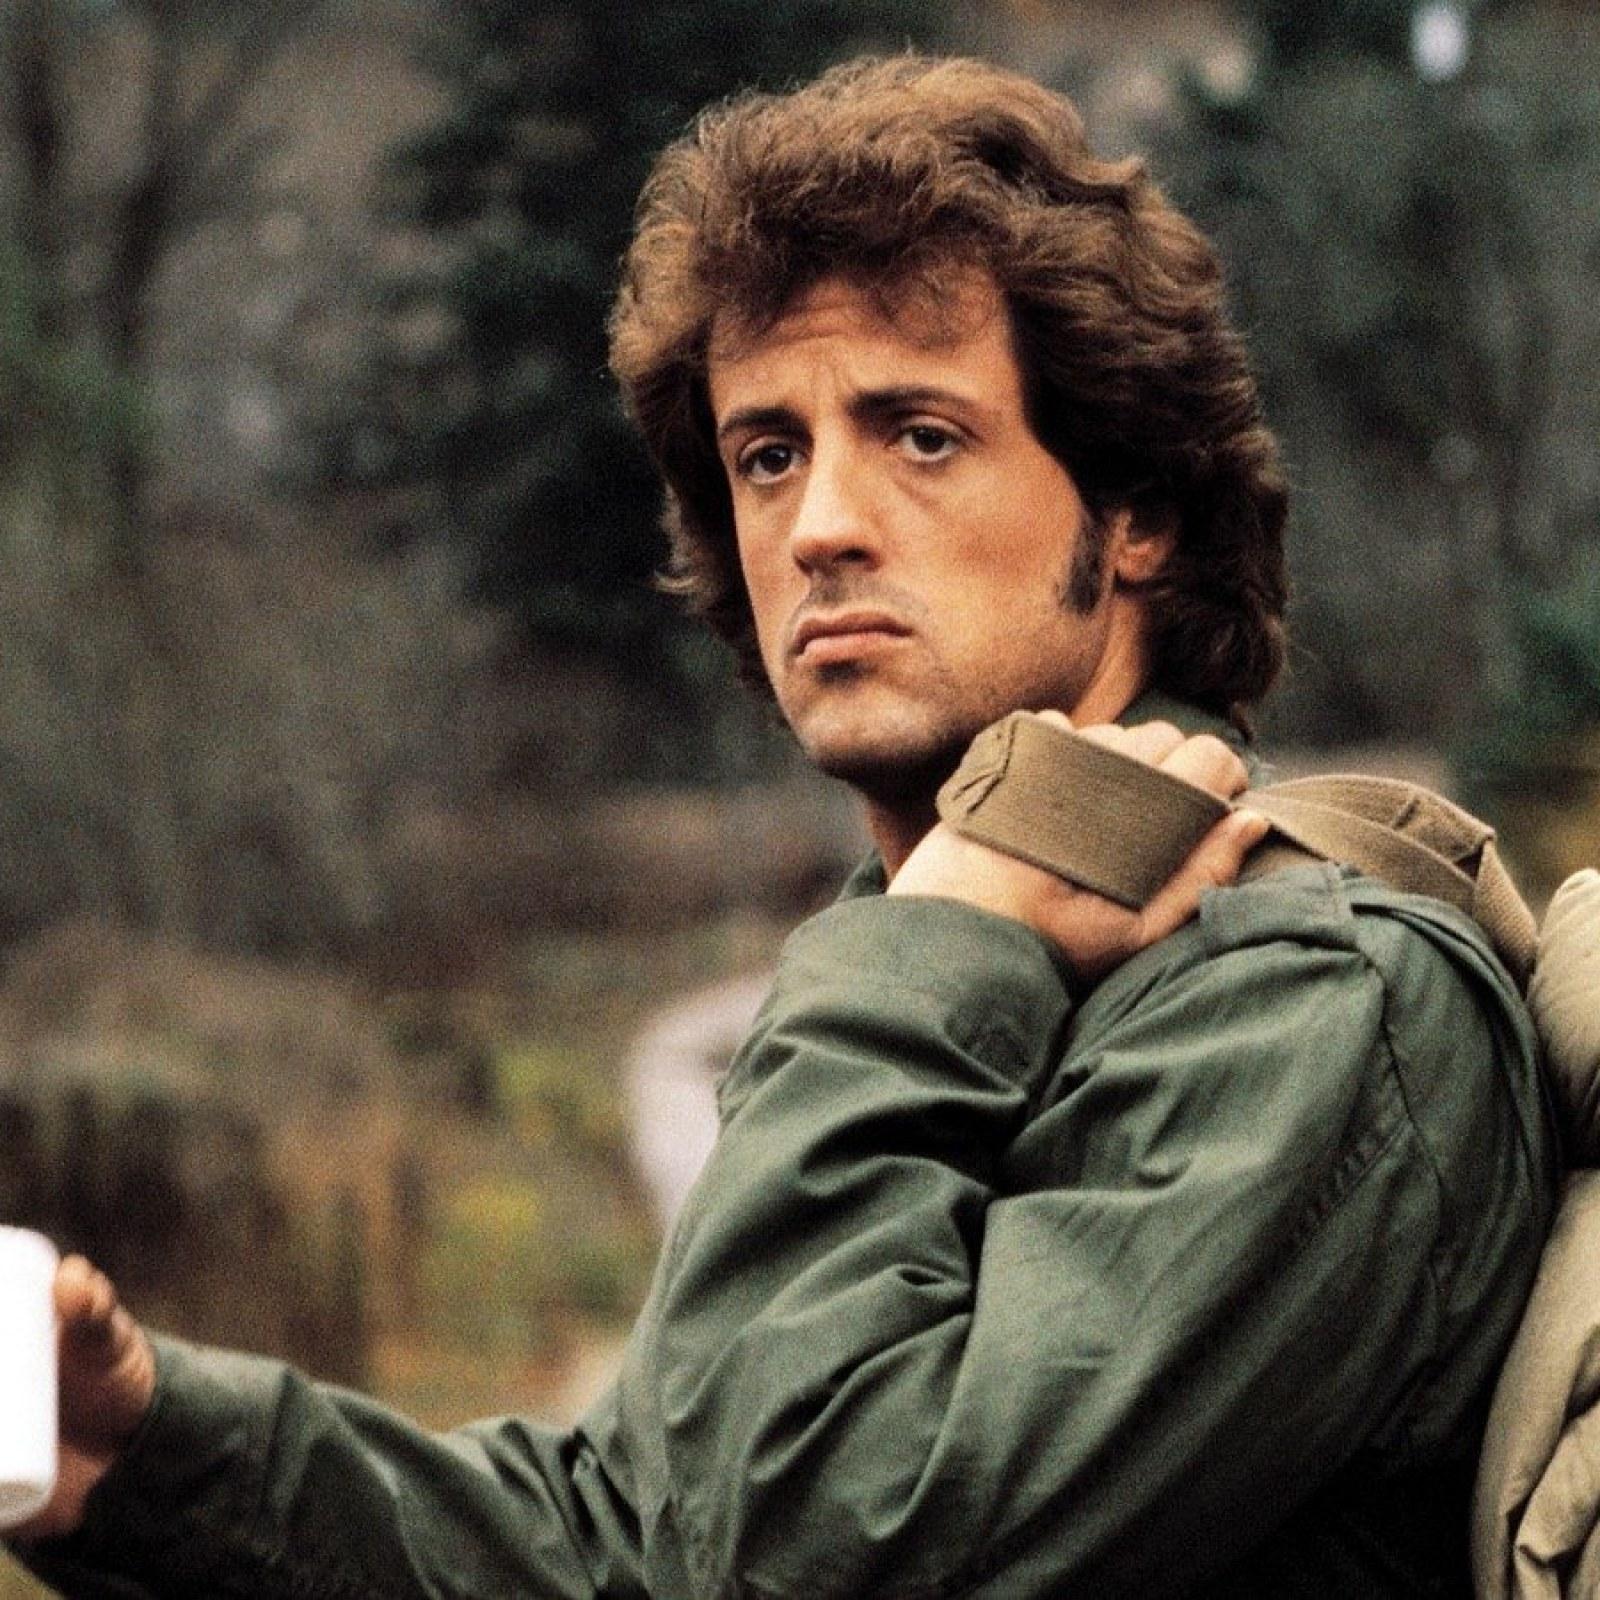 Sylvester Stallone: Từ diễn viên phim người lớntới huyền thoại hành động 7